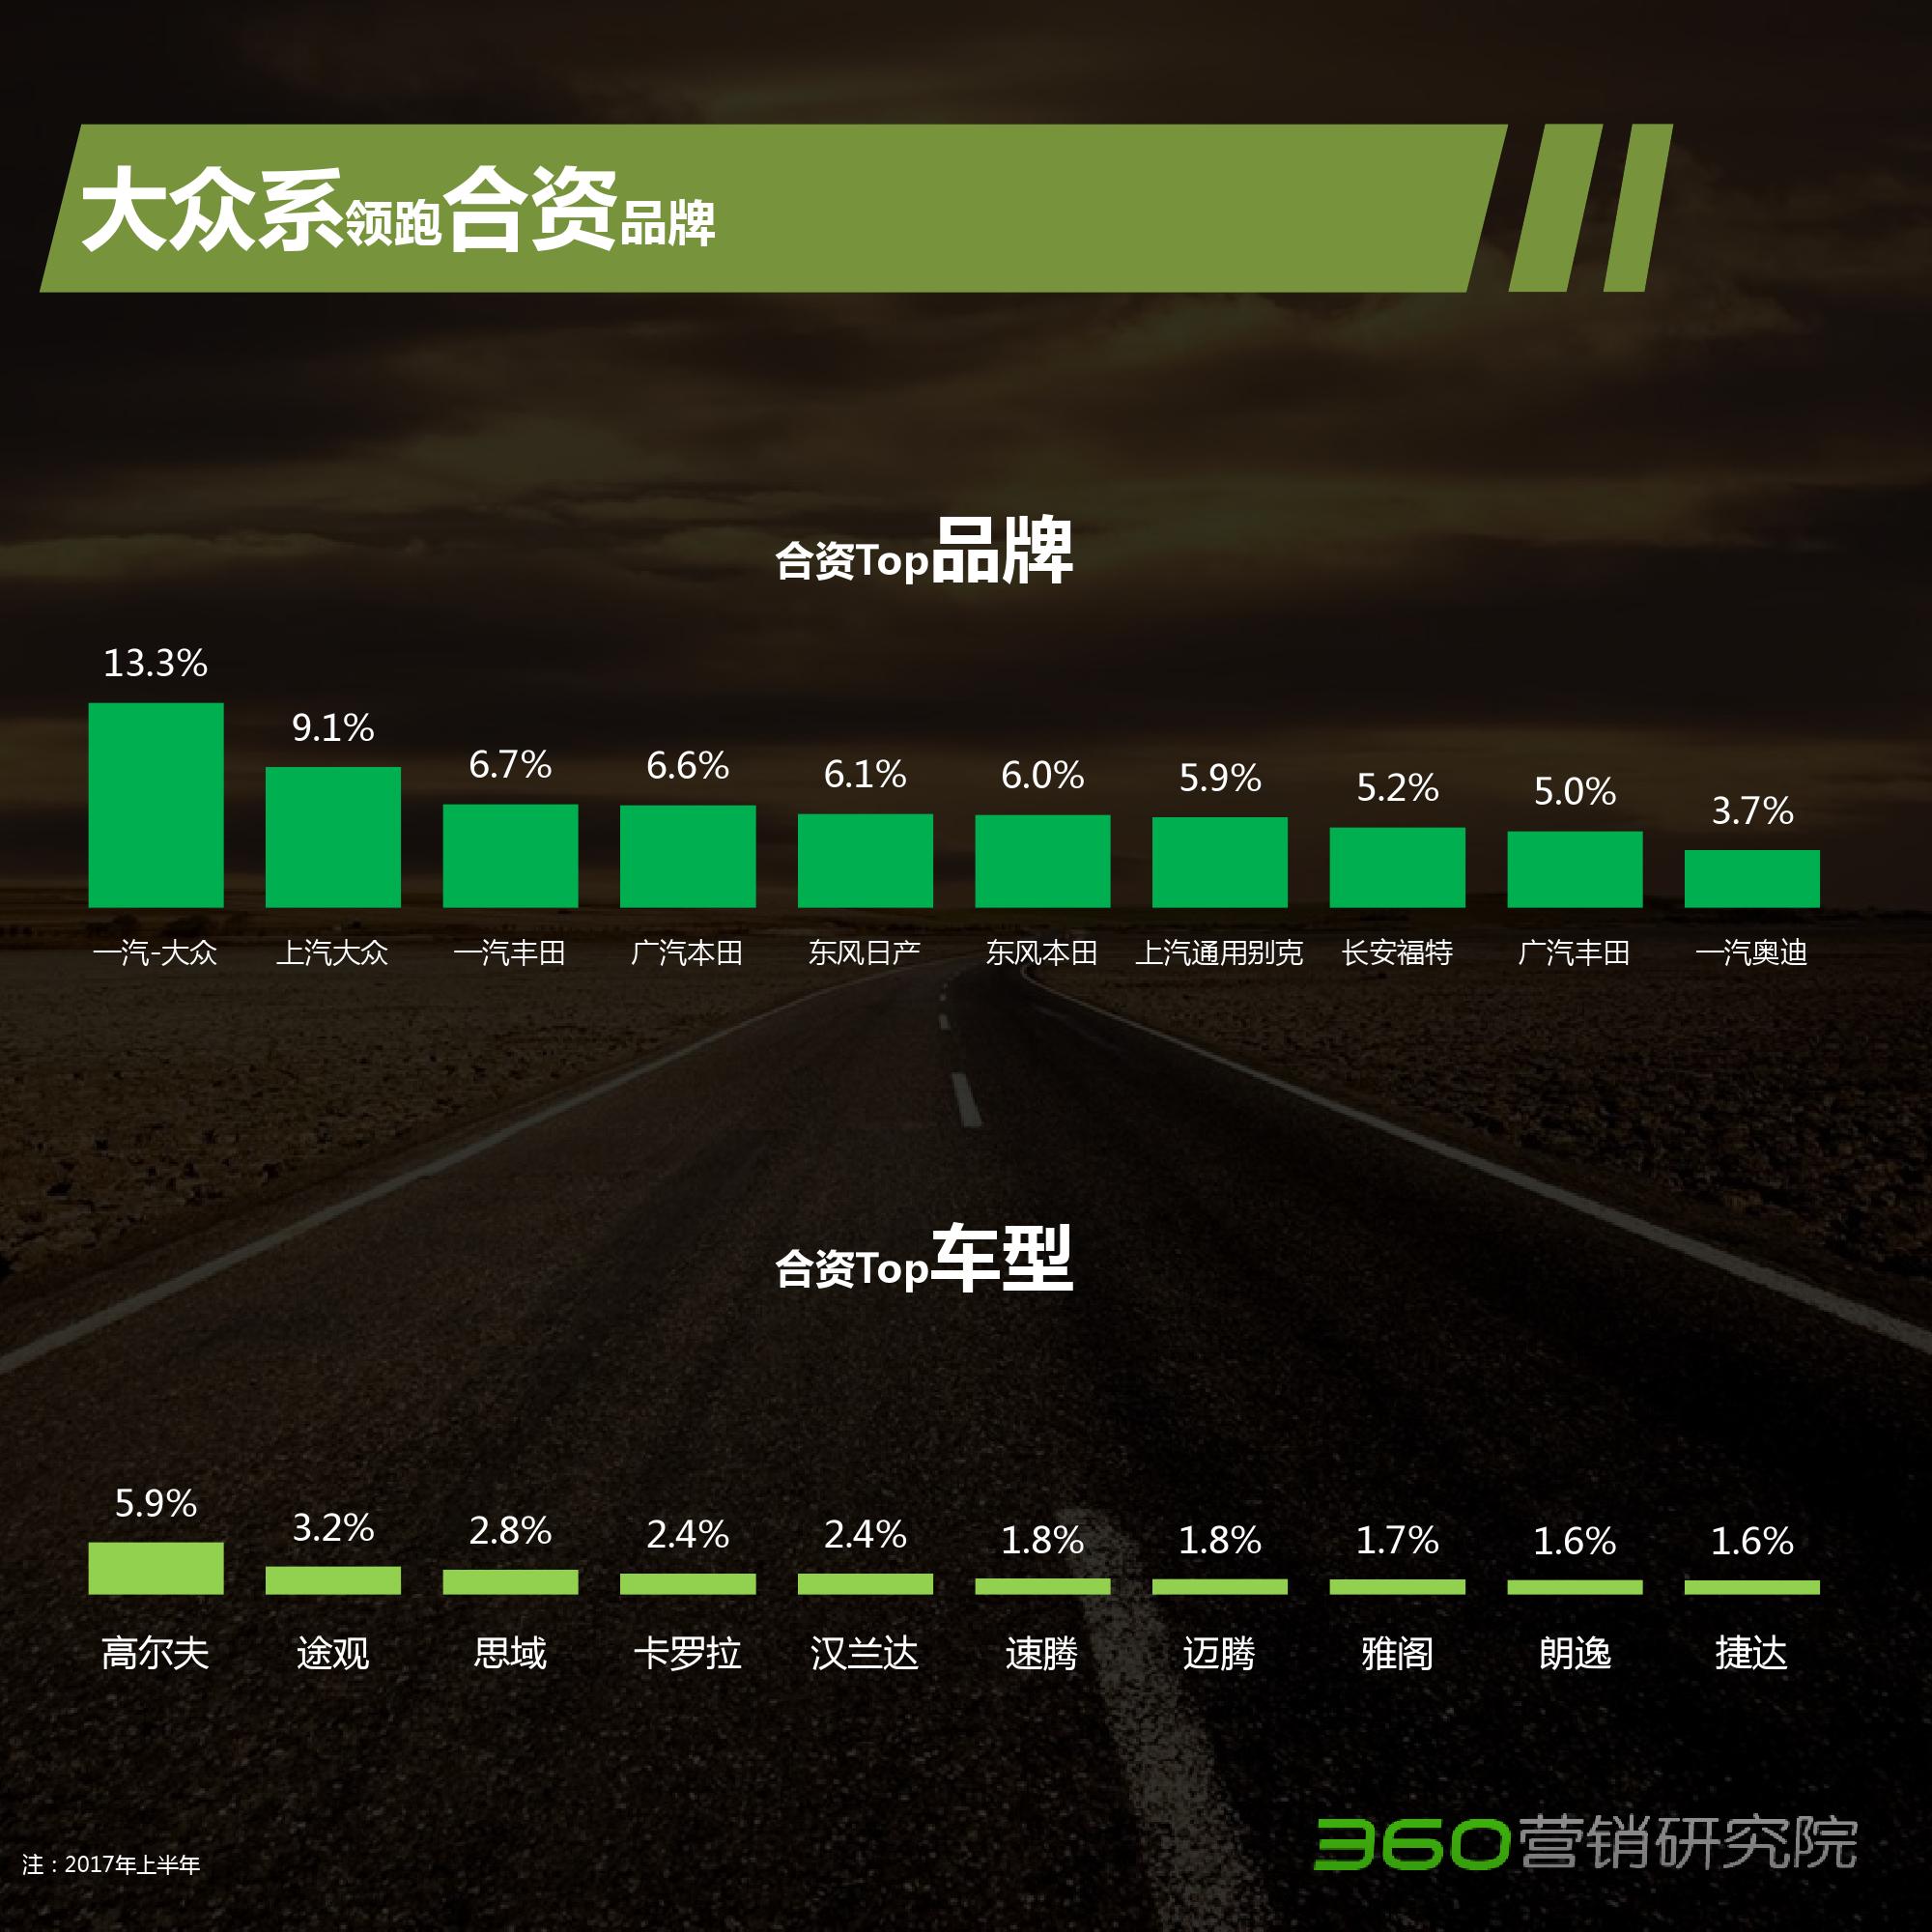 2017年Q2汽车行业大数据研究报告-09大数据